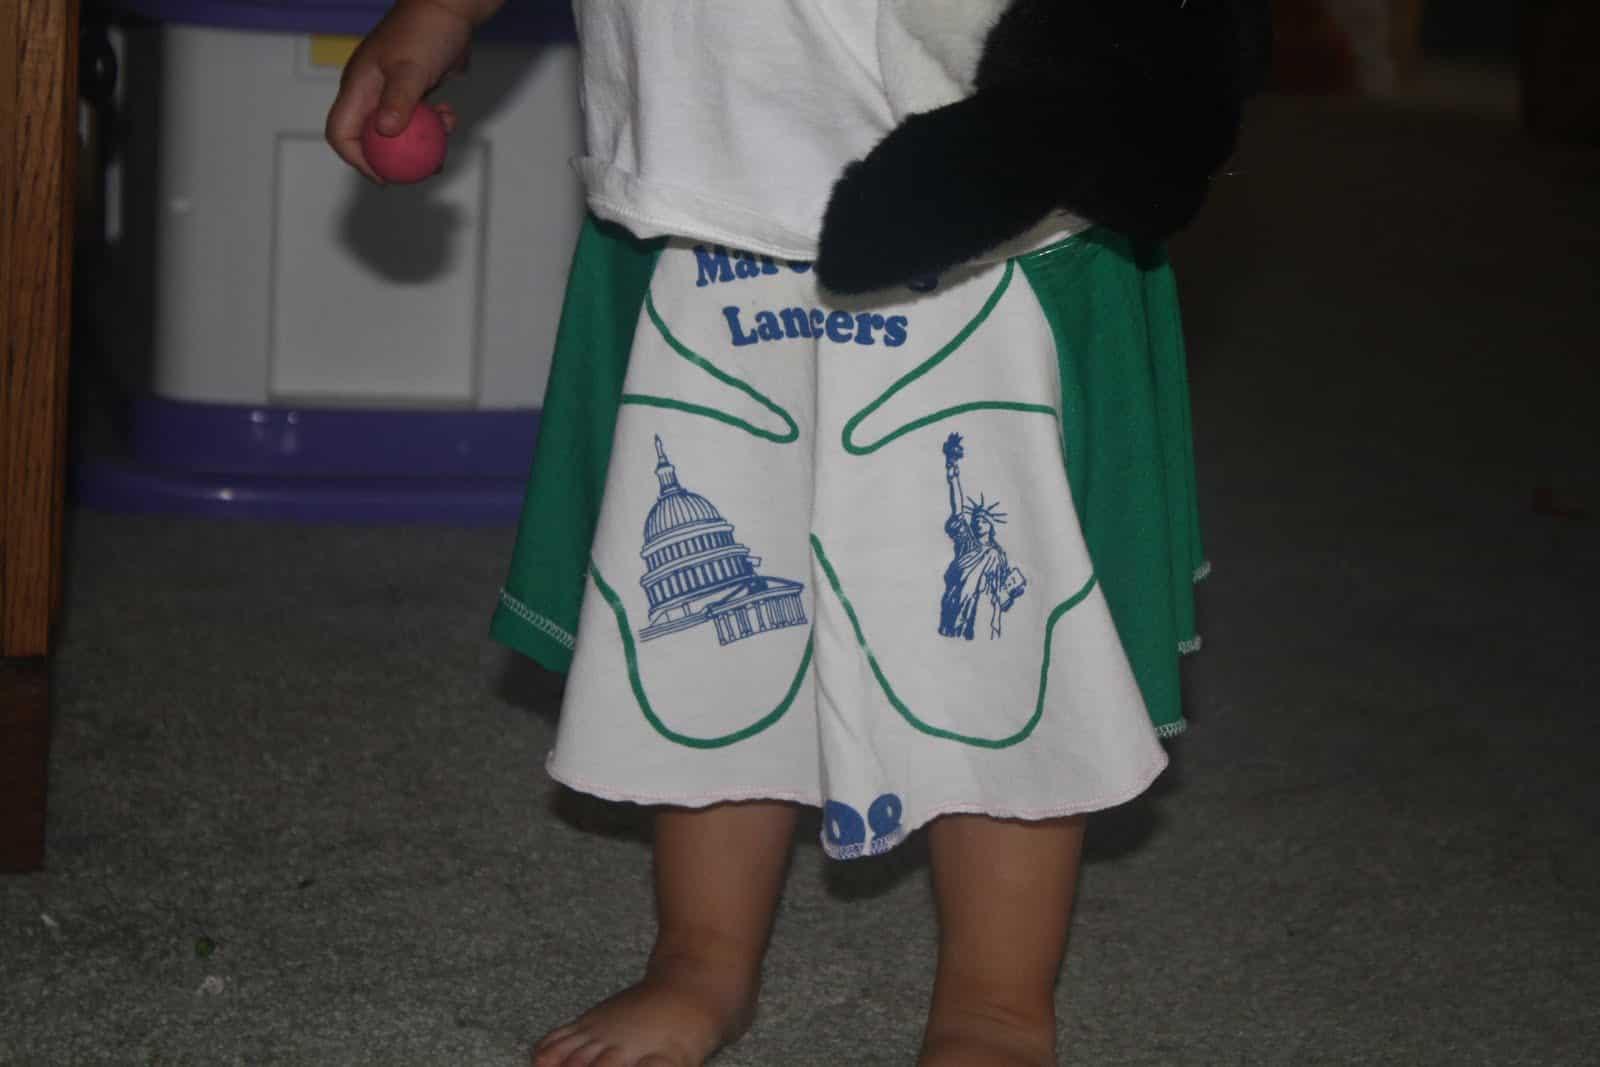 Boy's logo shorts from a tshirt